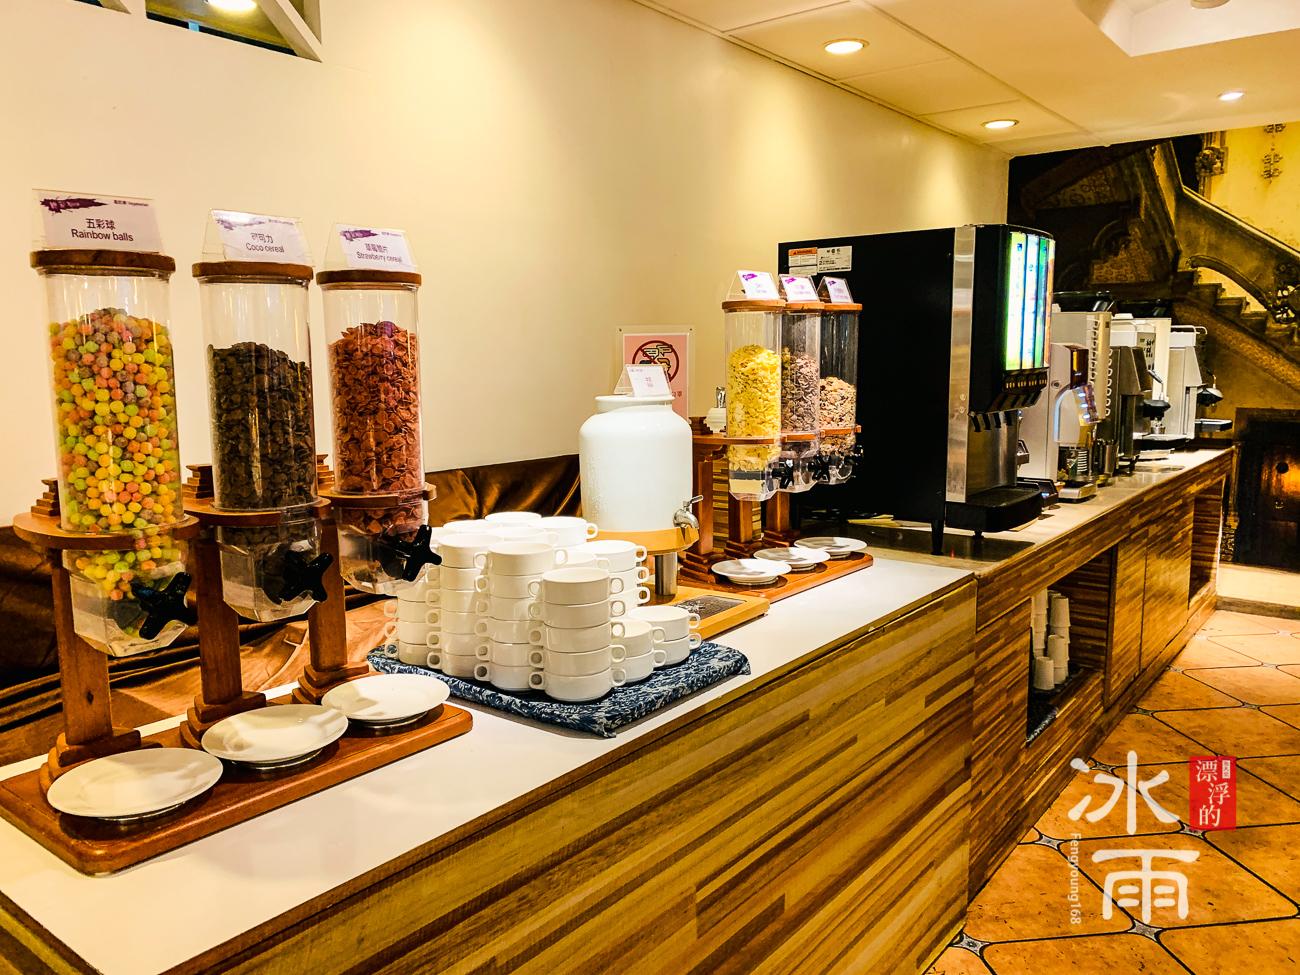 陽明山天籟溫泉會館|早餐菜色|麥片